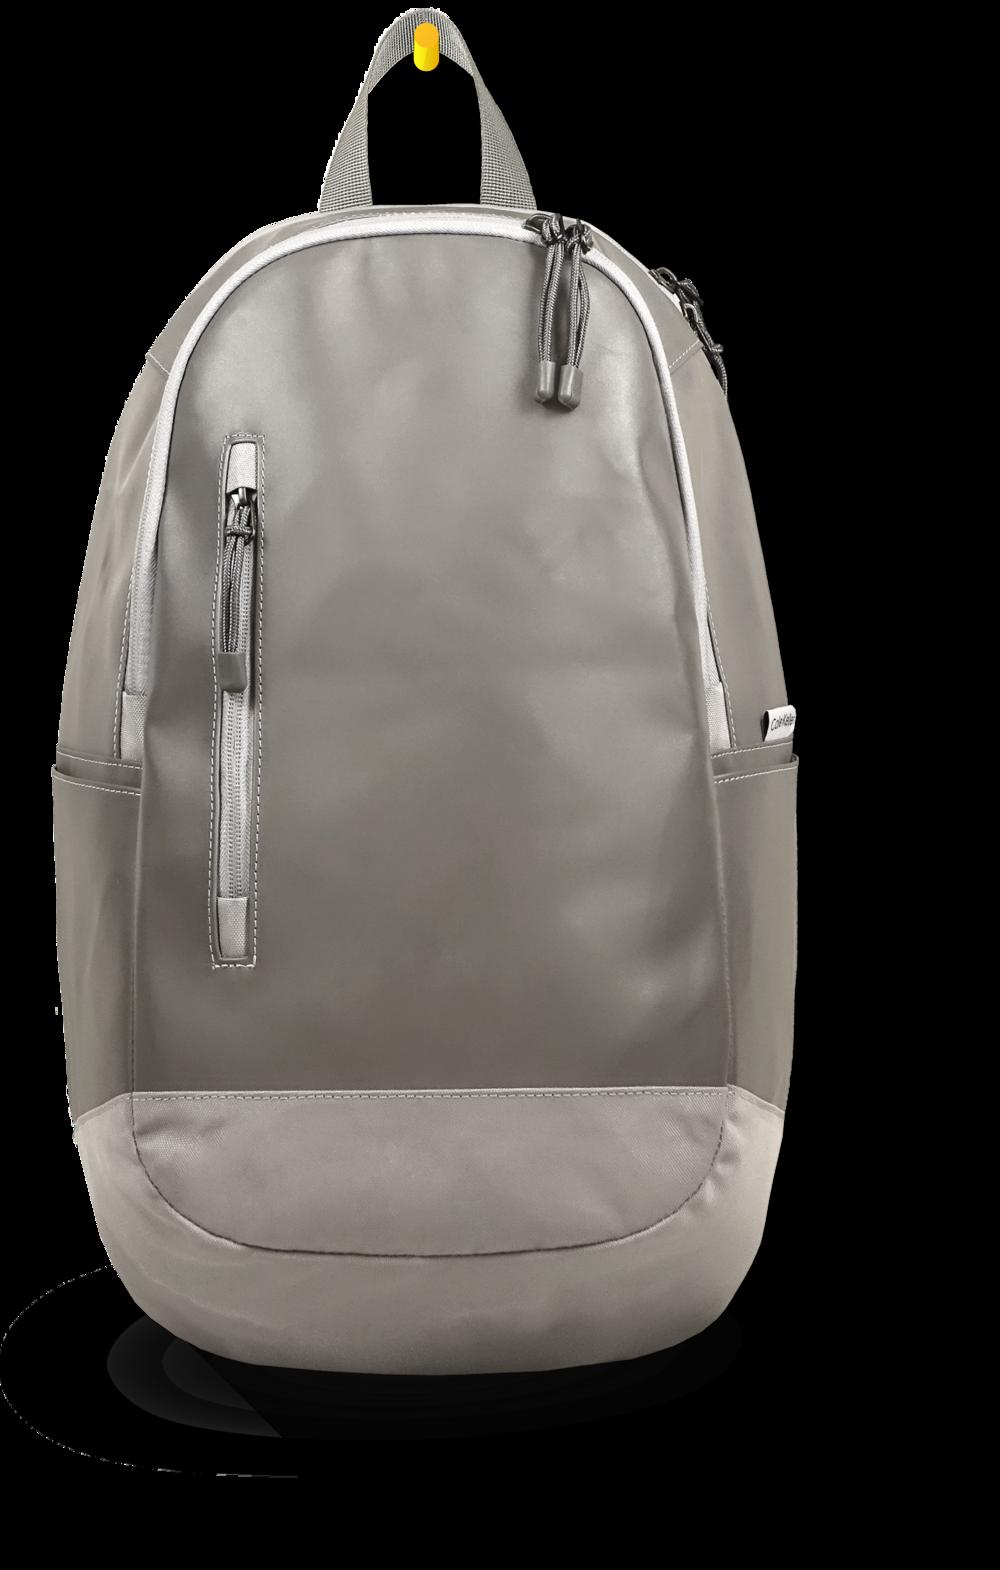 Backpack Showcase (Product design/Photography/Illustrator/Photoshop)